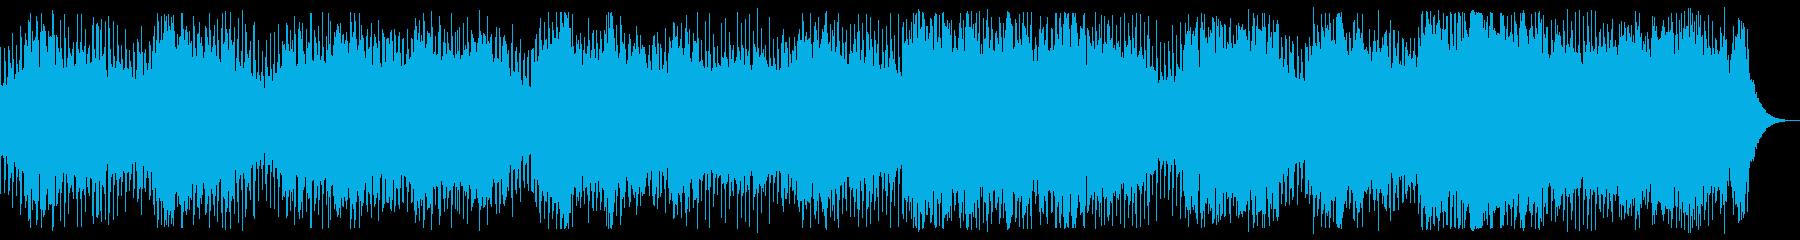 時空の歪み ダークで奇妙なBGMの再生済みの波形